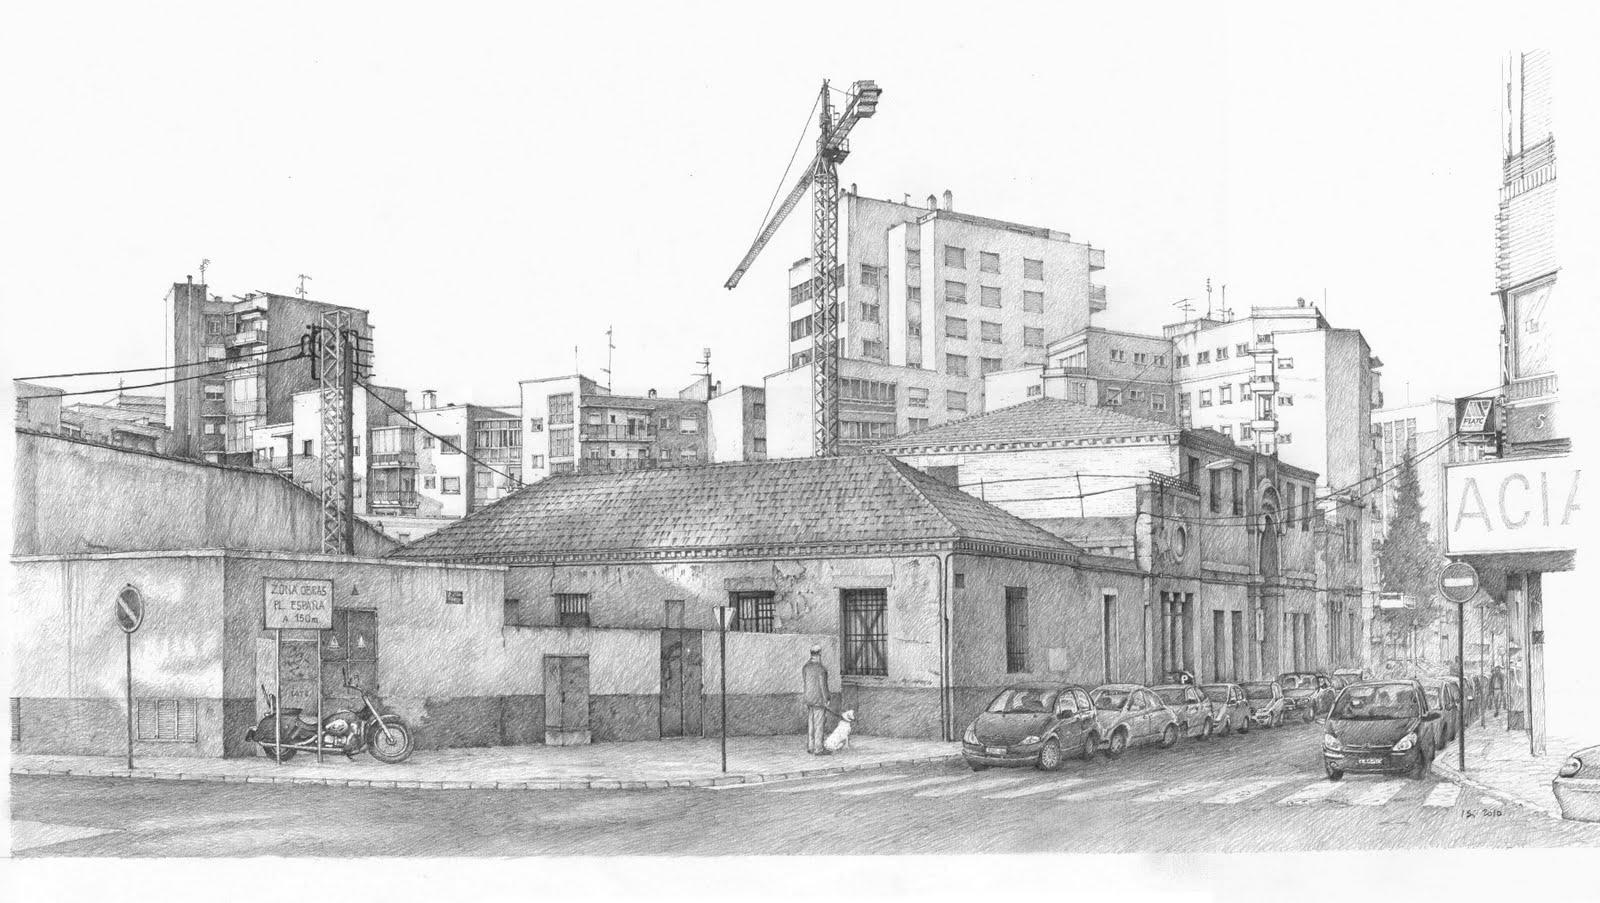 Dibujando arquitecturas isi dibujos de la ciudad de cartagena - Casas dibujadas a lapiz ...